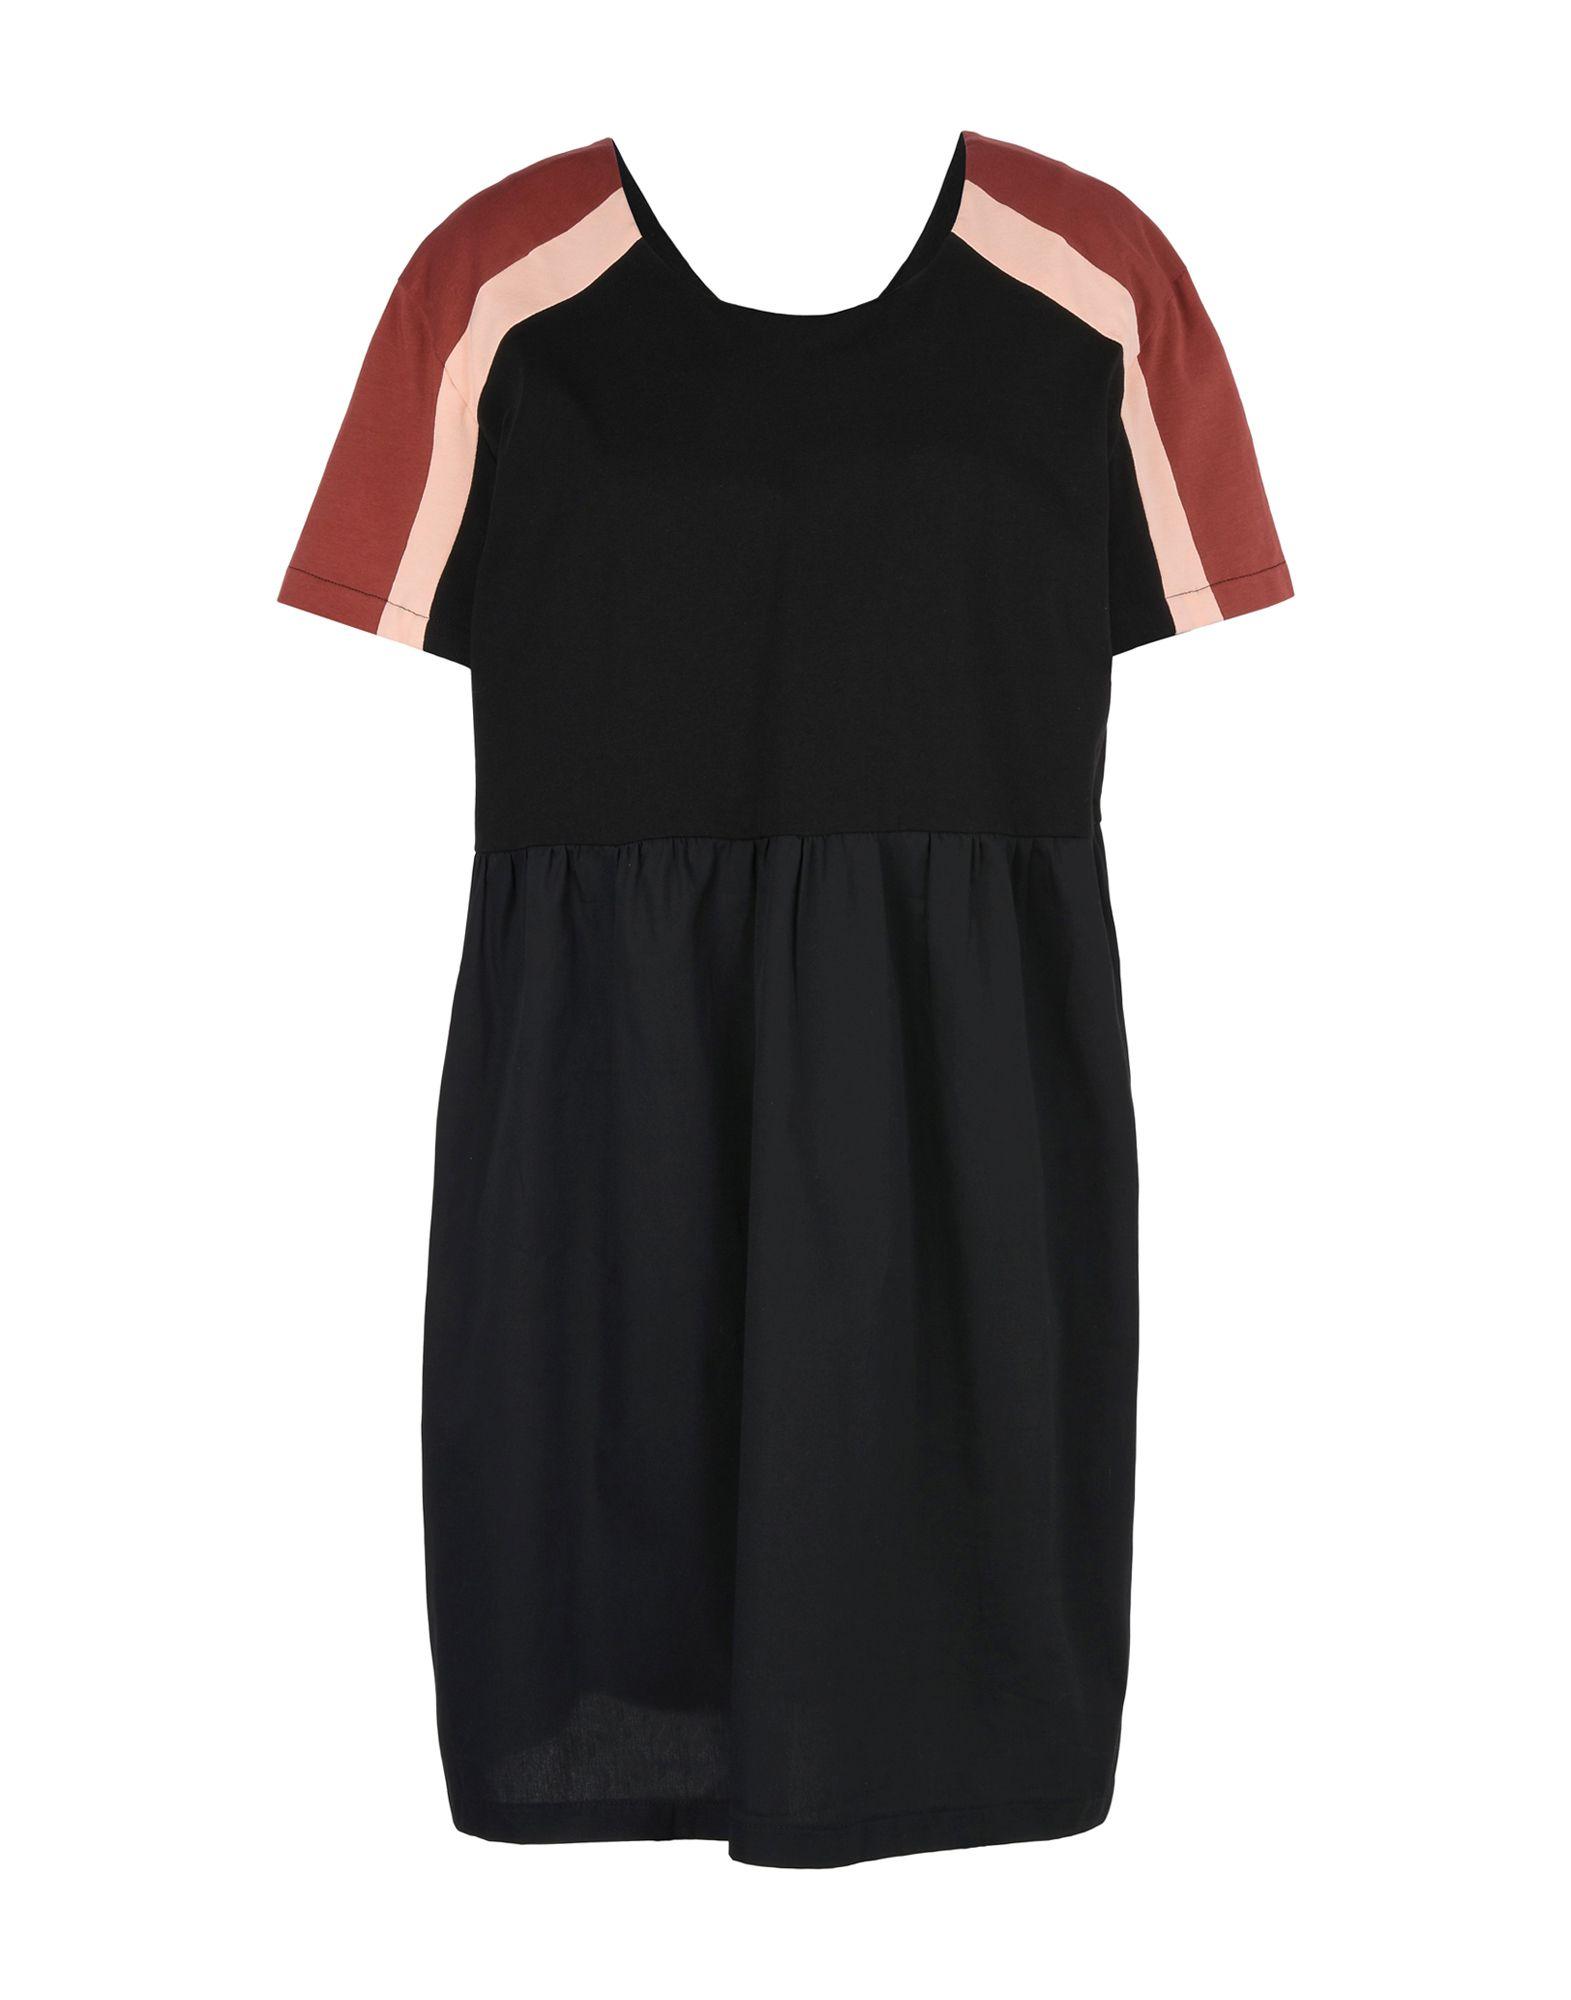 RIYKA Damen Kurzes Kleid Farbe Schwarz Größe 5